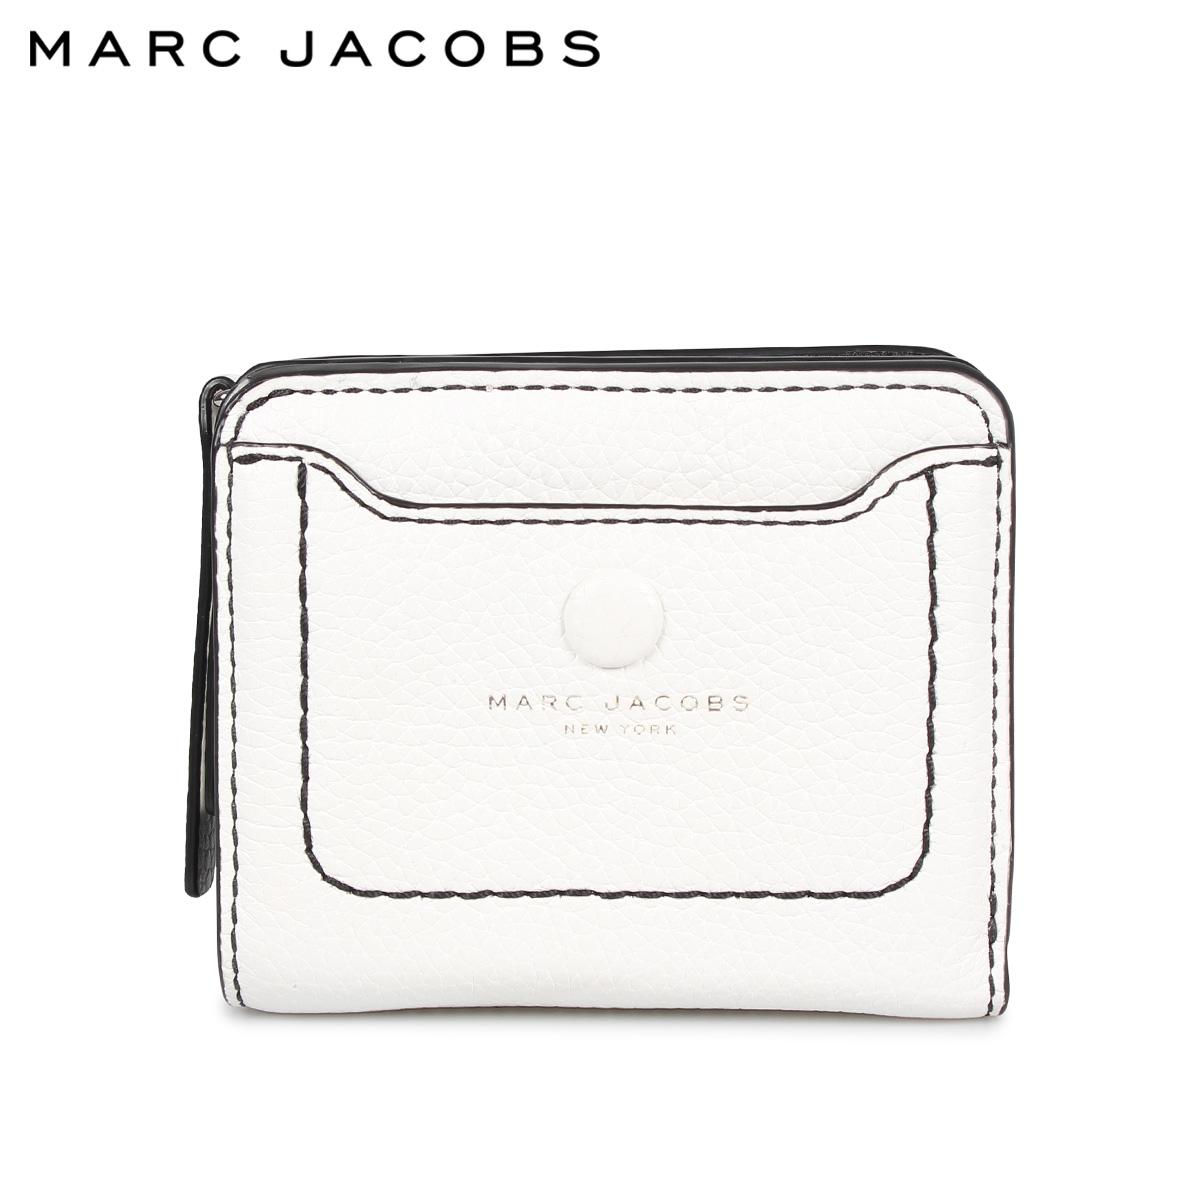 MARC JACOBS MINI COMPACT WALLET マークジェイコブス 財布 二つ折り レディース 本革 ホワイト 白 M0014215